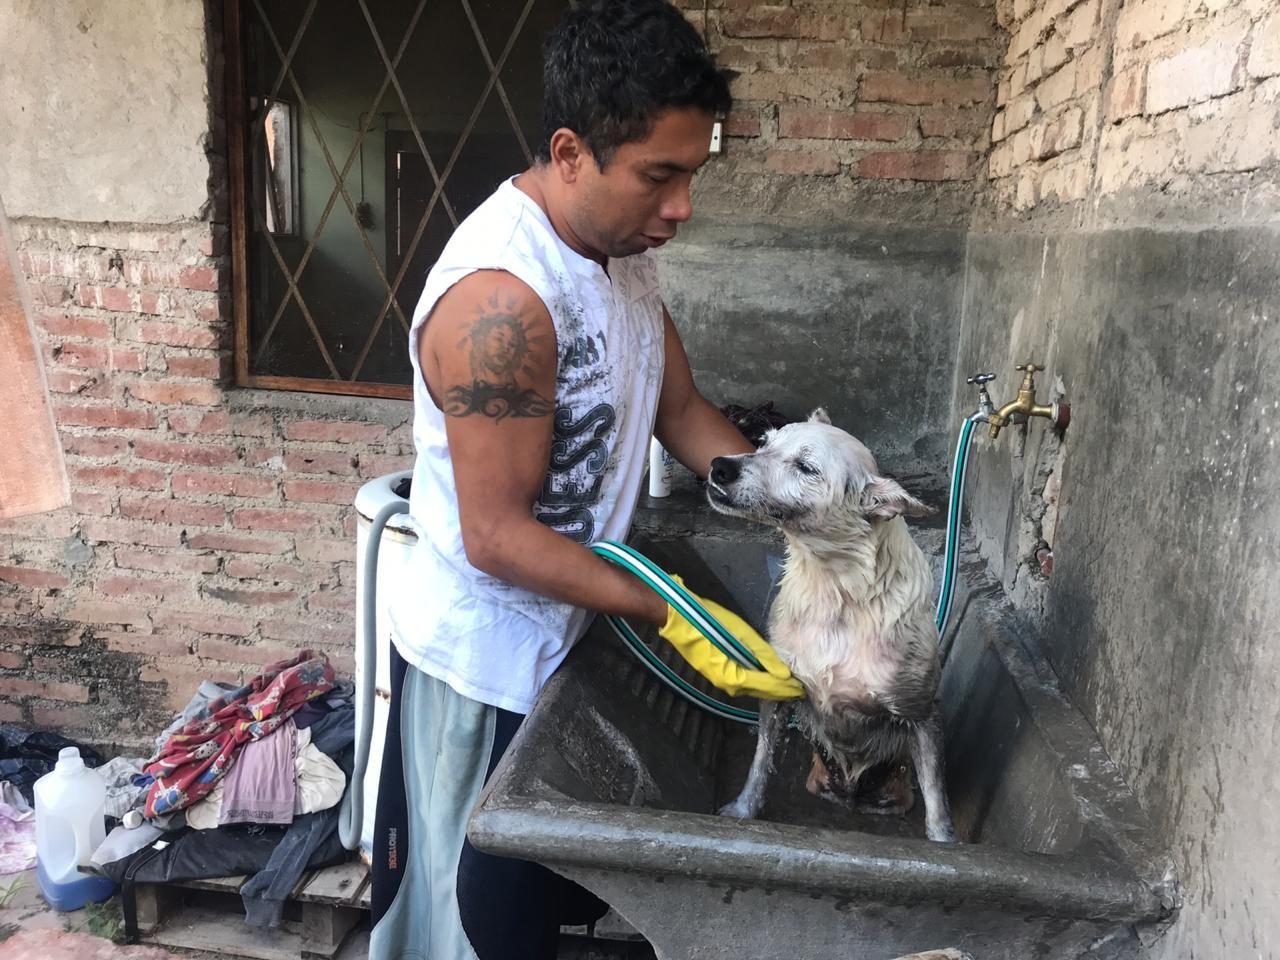 La conmovedora historia del joven desocupado que rescata perros discapacitados